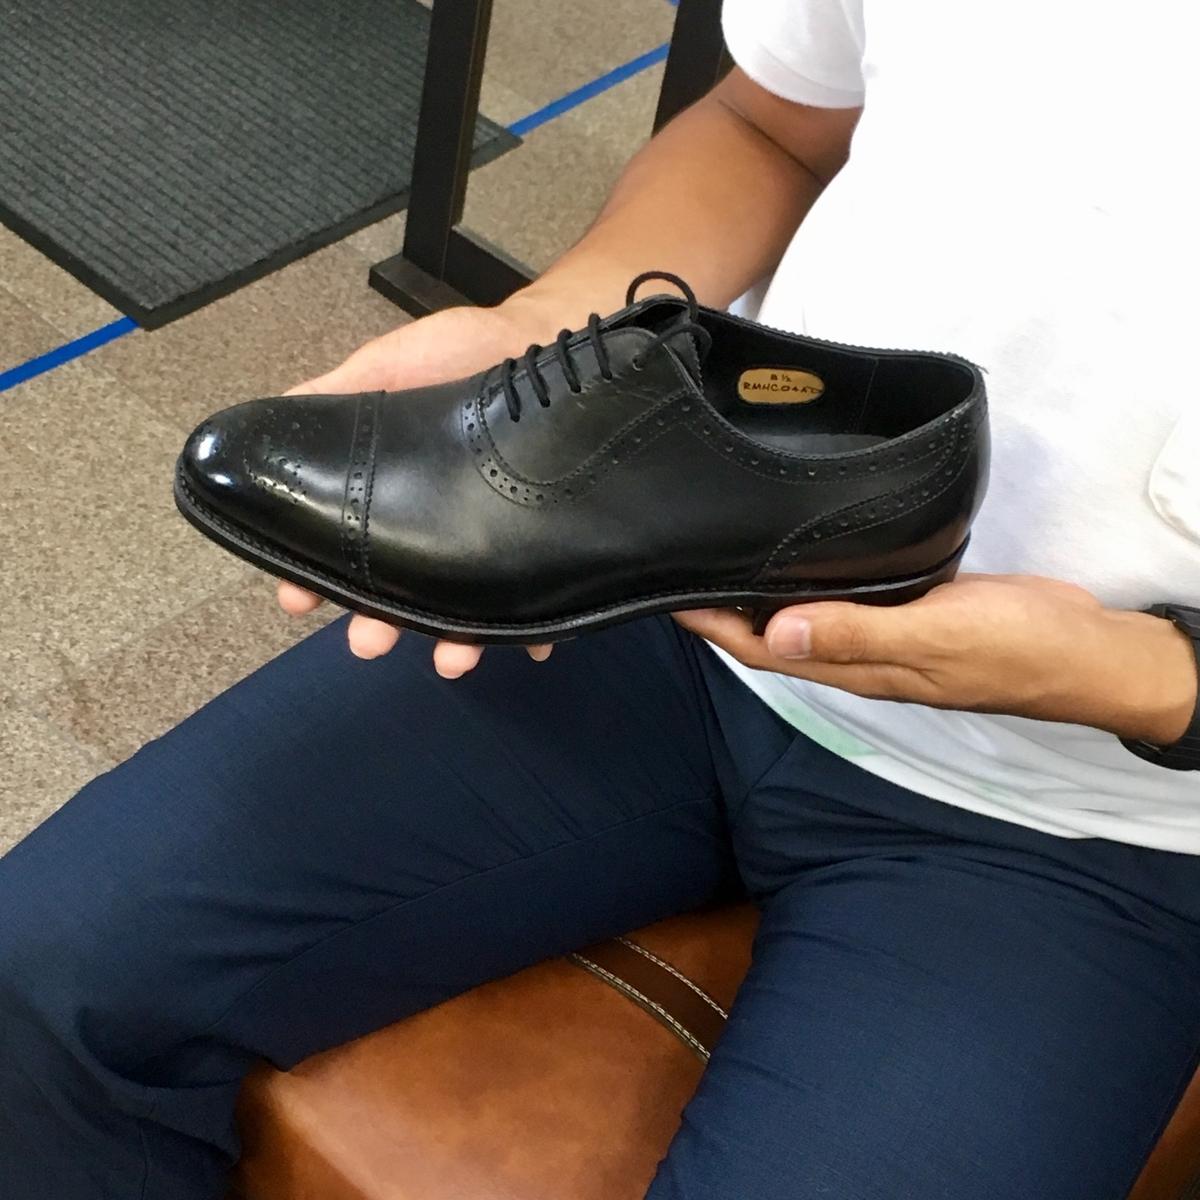 f:id:raymar-shoes:20190905162928j:plain